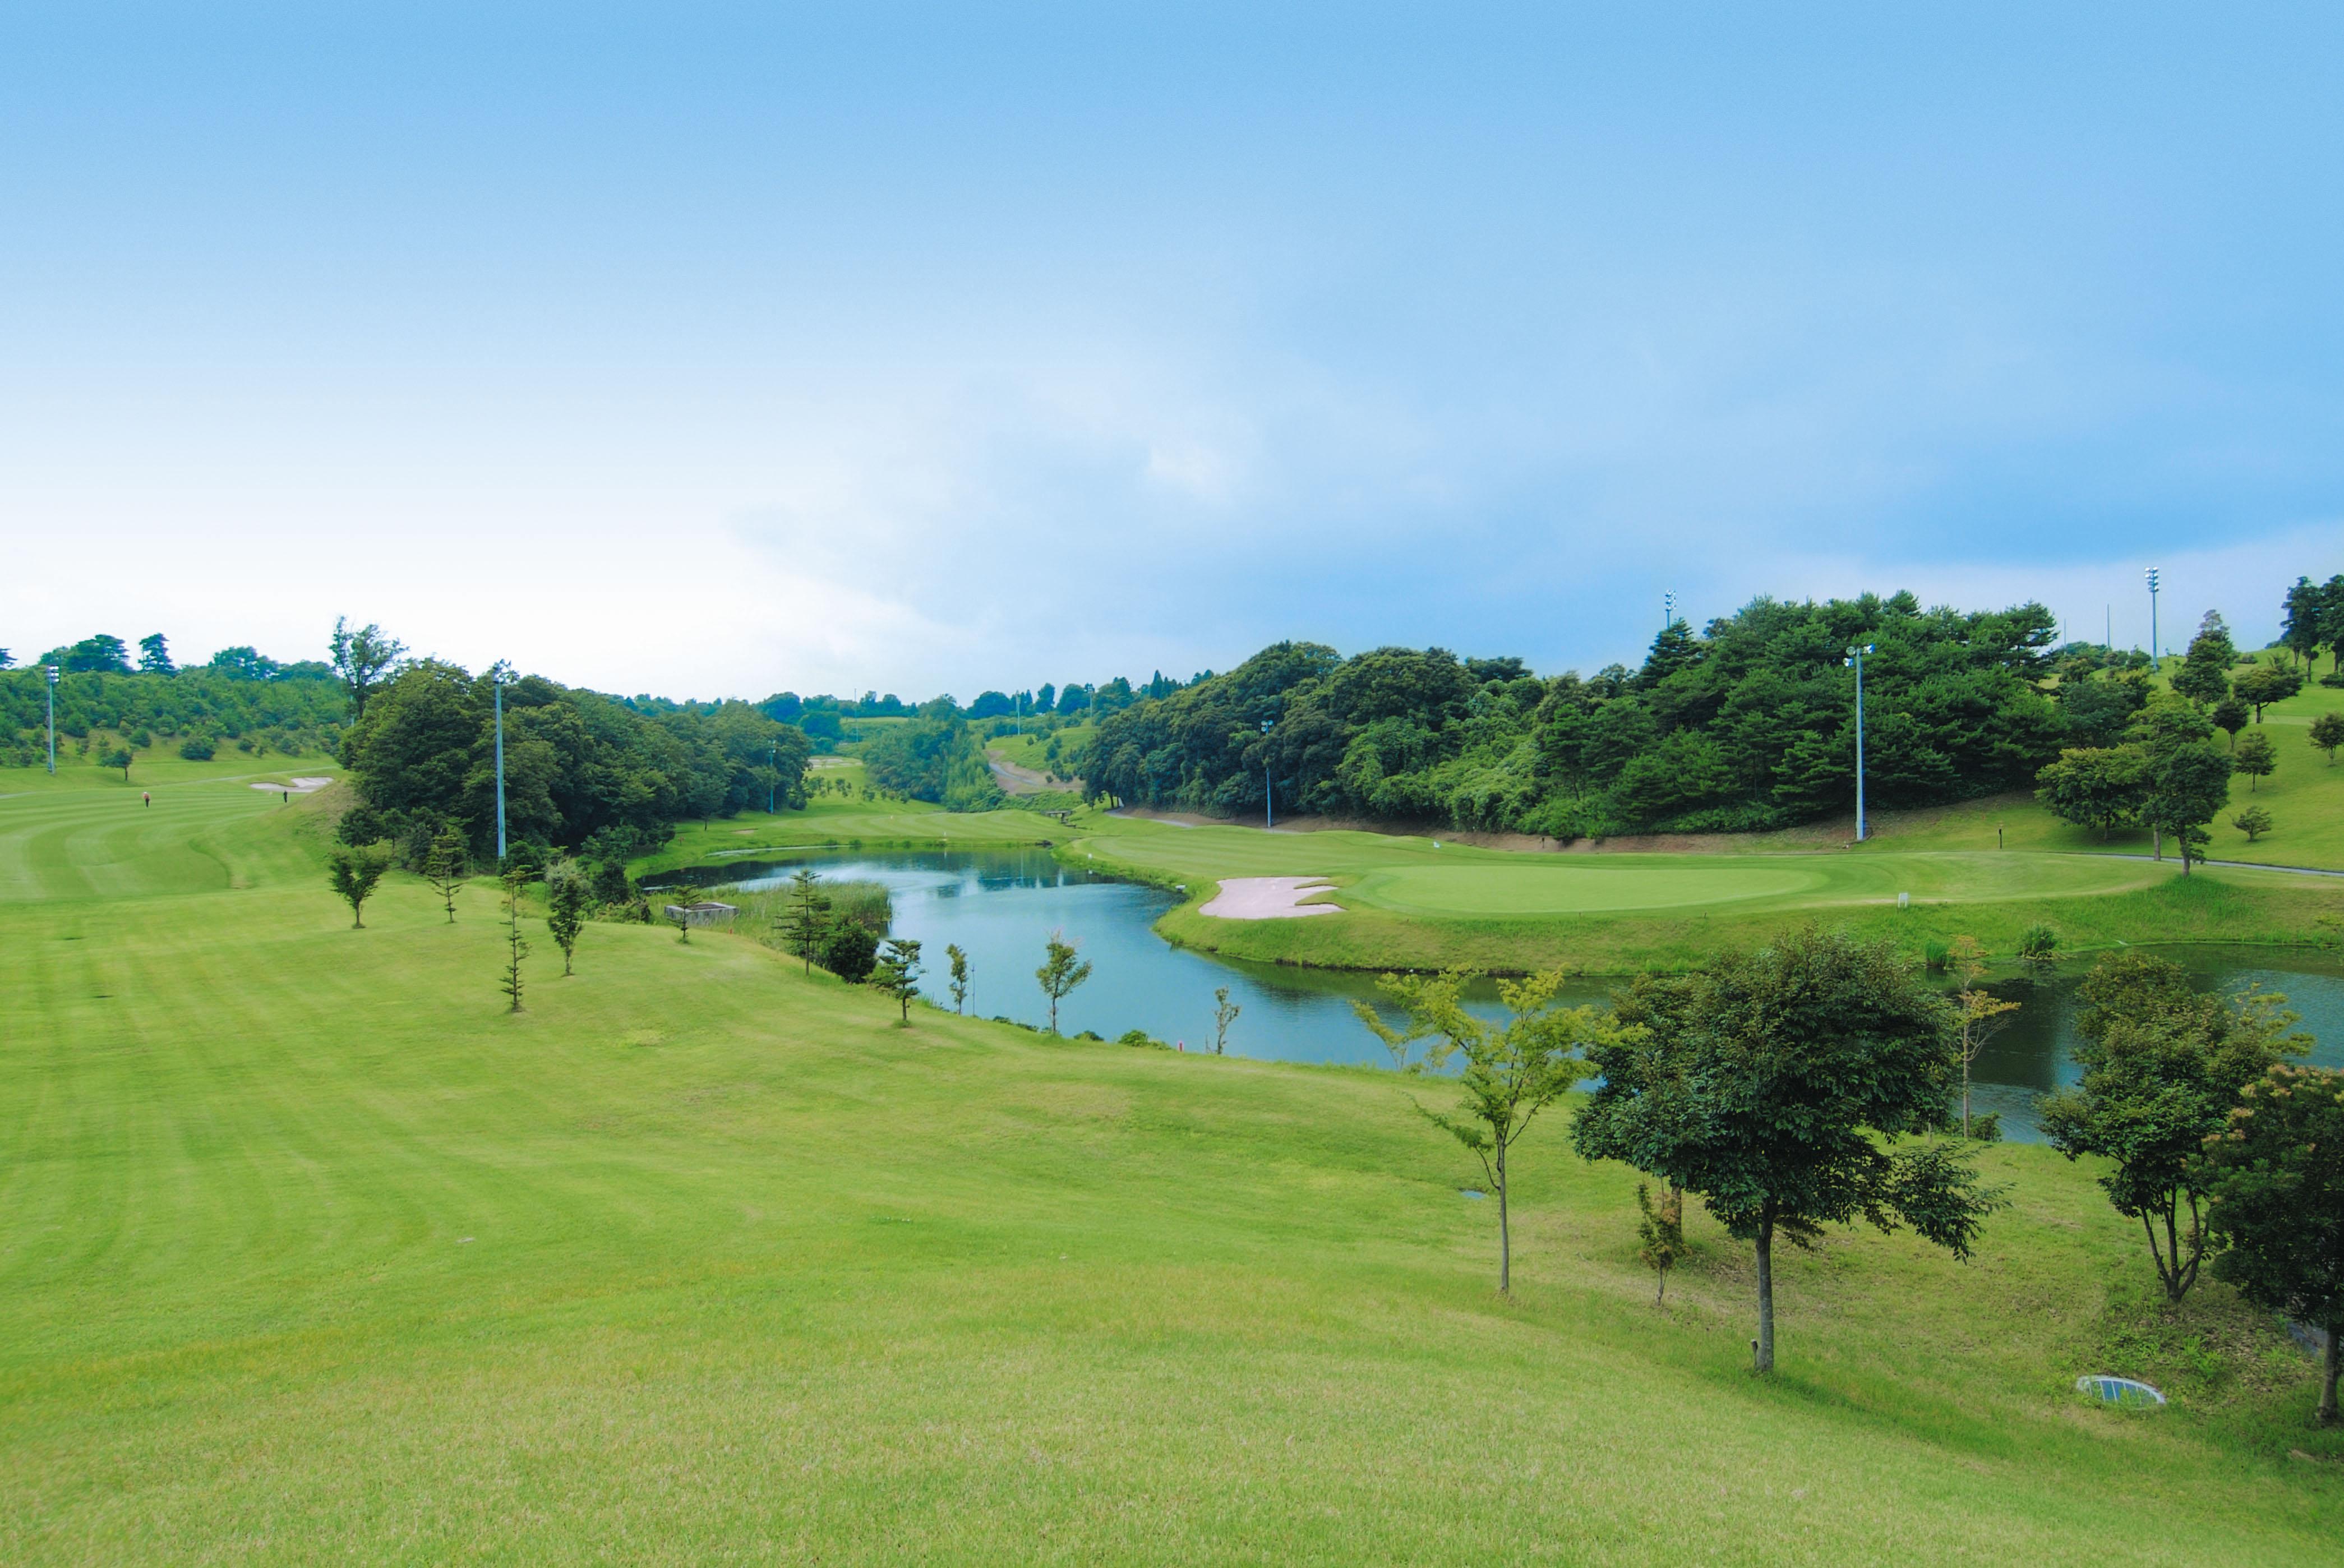 千葉県・ムーンレイクゴルフクラブ 市原コース